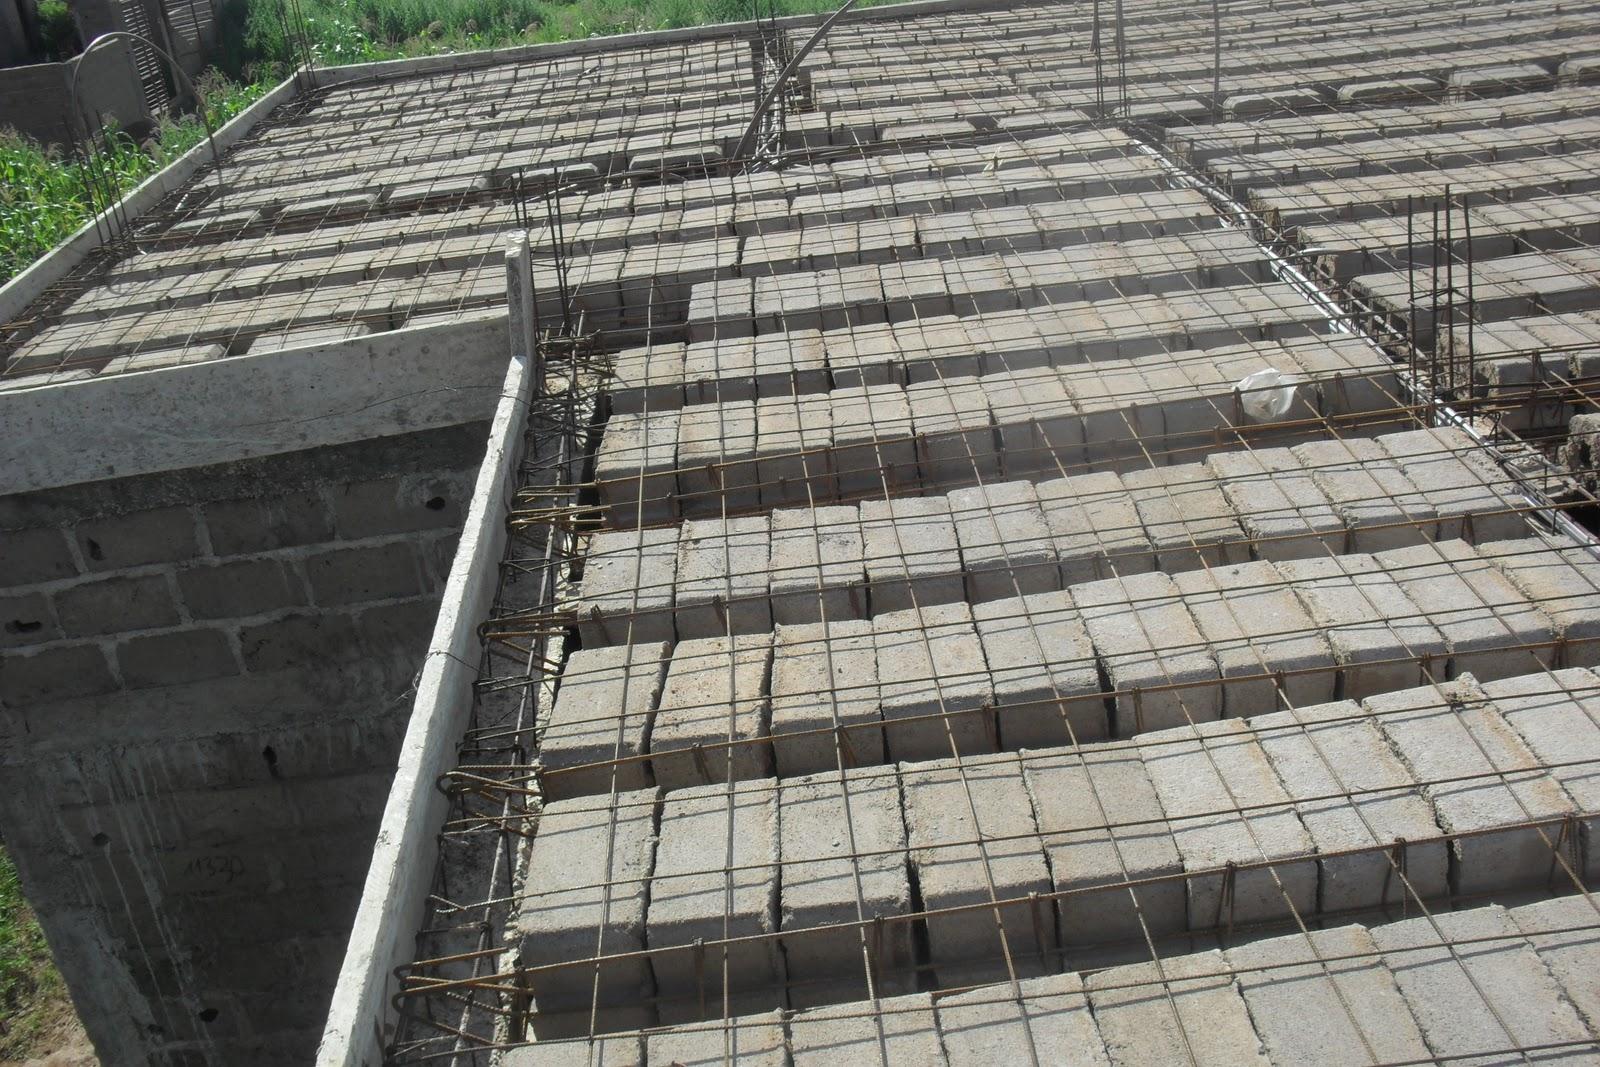 vue sur le toit la dalle est faite avec les hourdis les hourdis sont mis en place ensuite apres les avoir ferrailler on recouvre ce ferraillage de - Construire Une Maison Au Mali